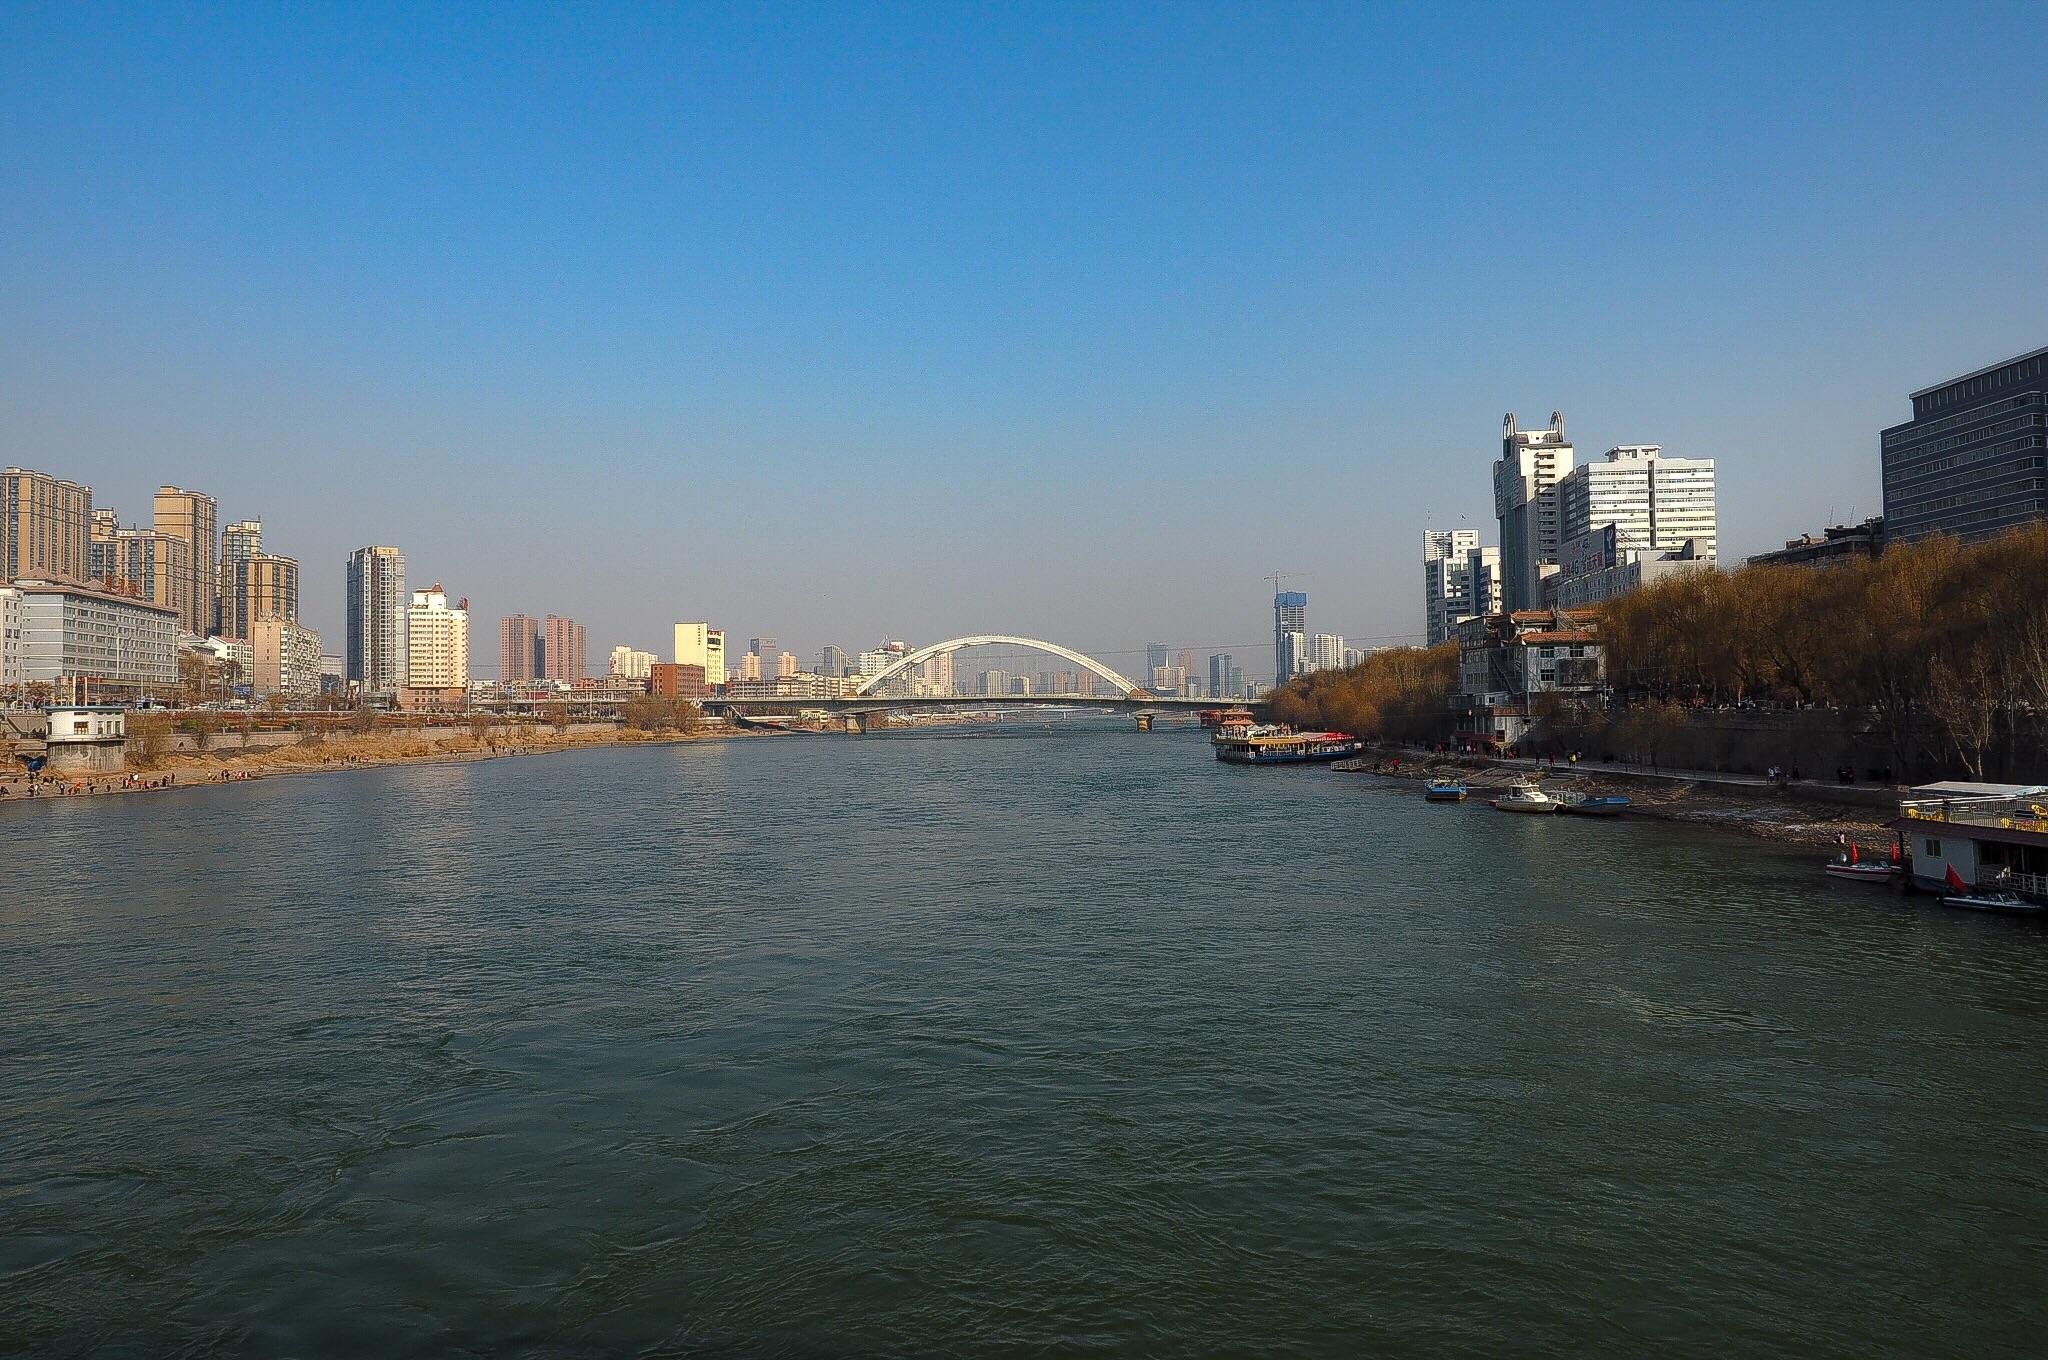 中山橋(蘭州黄河鉄橋)